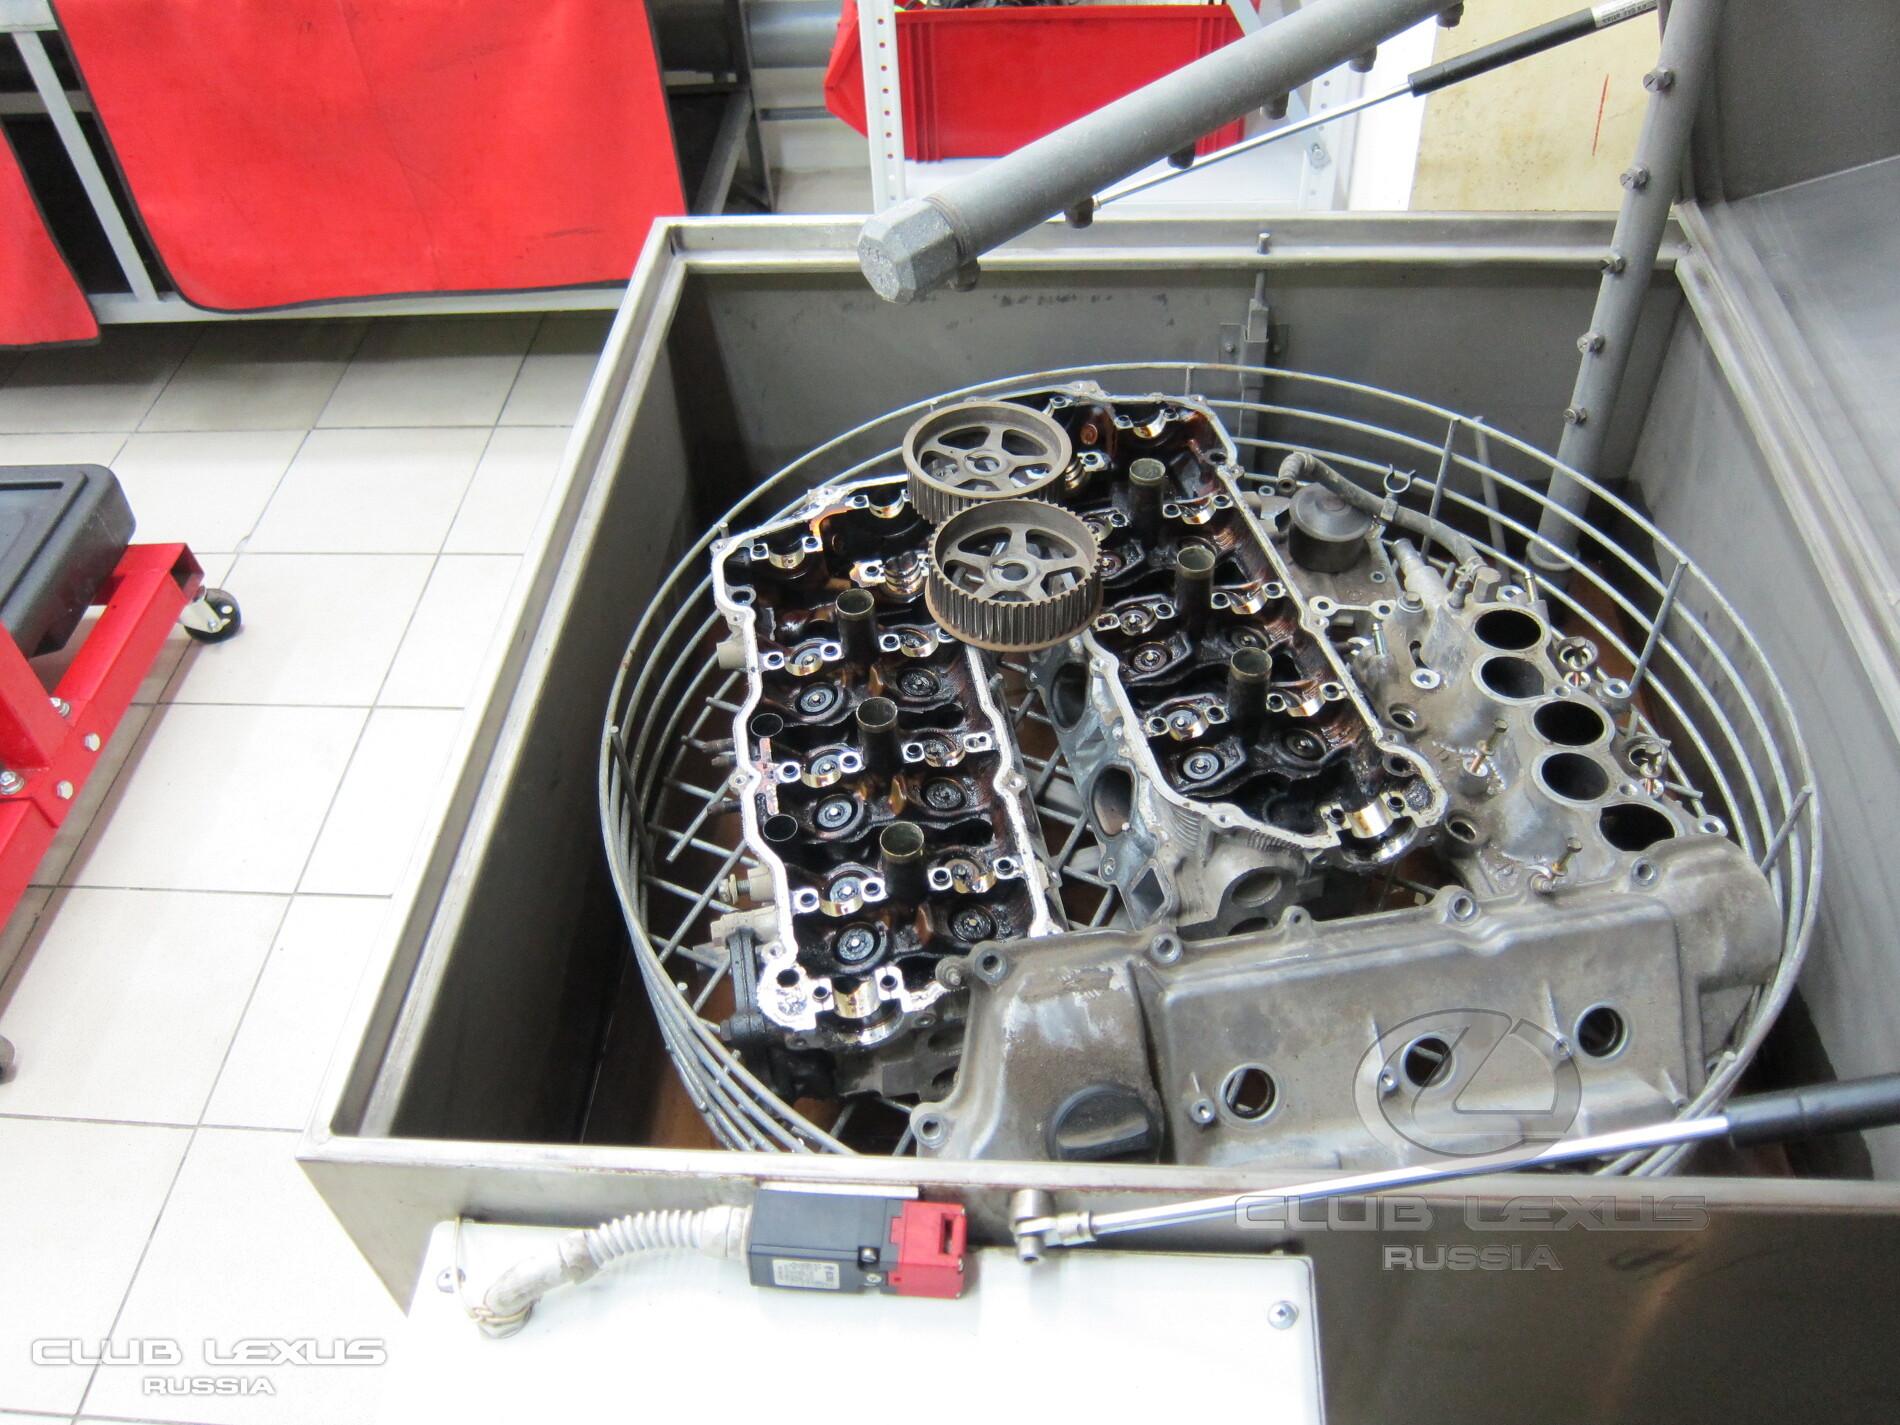 Найти колпачки для защиты двигателей фантом купить вош на юле в череповец